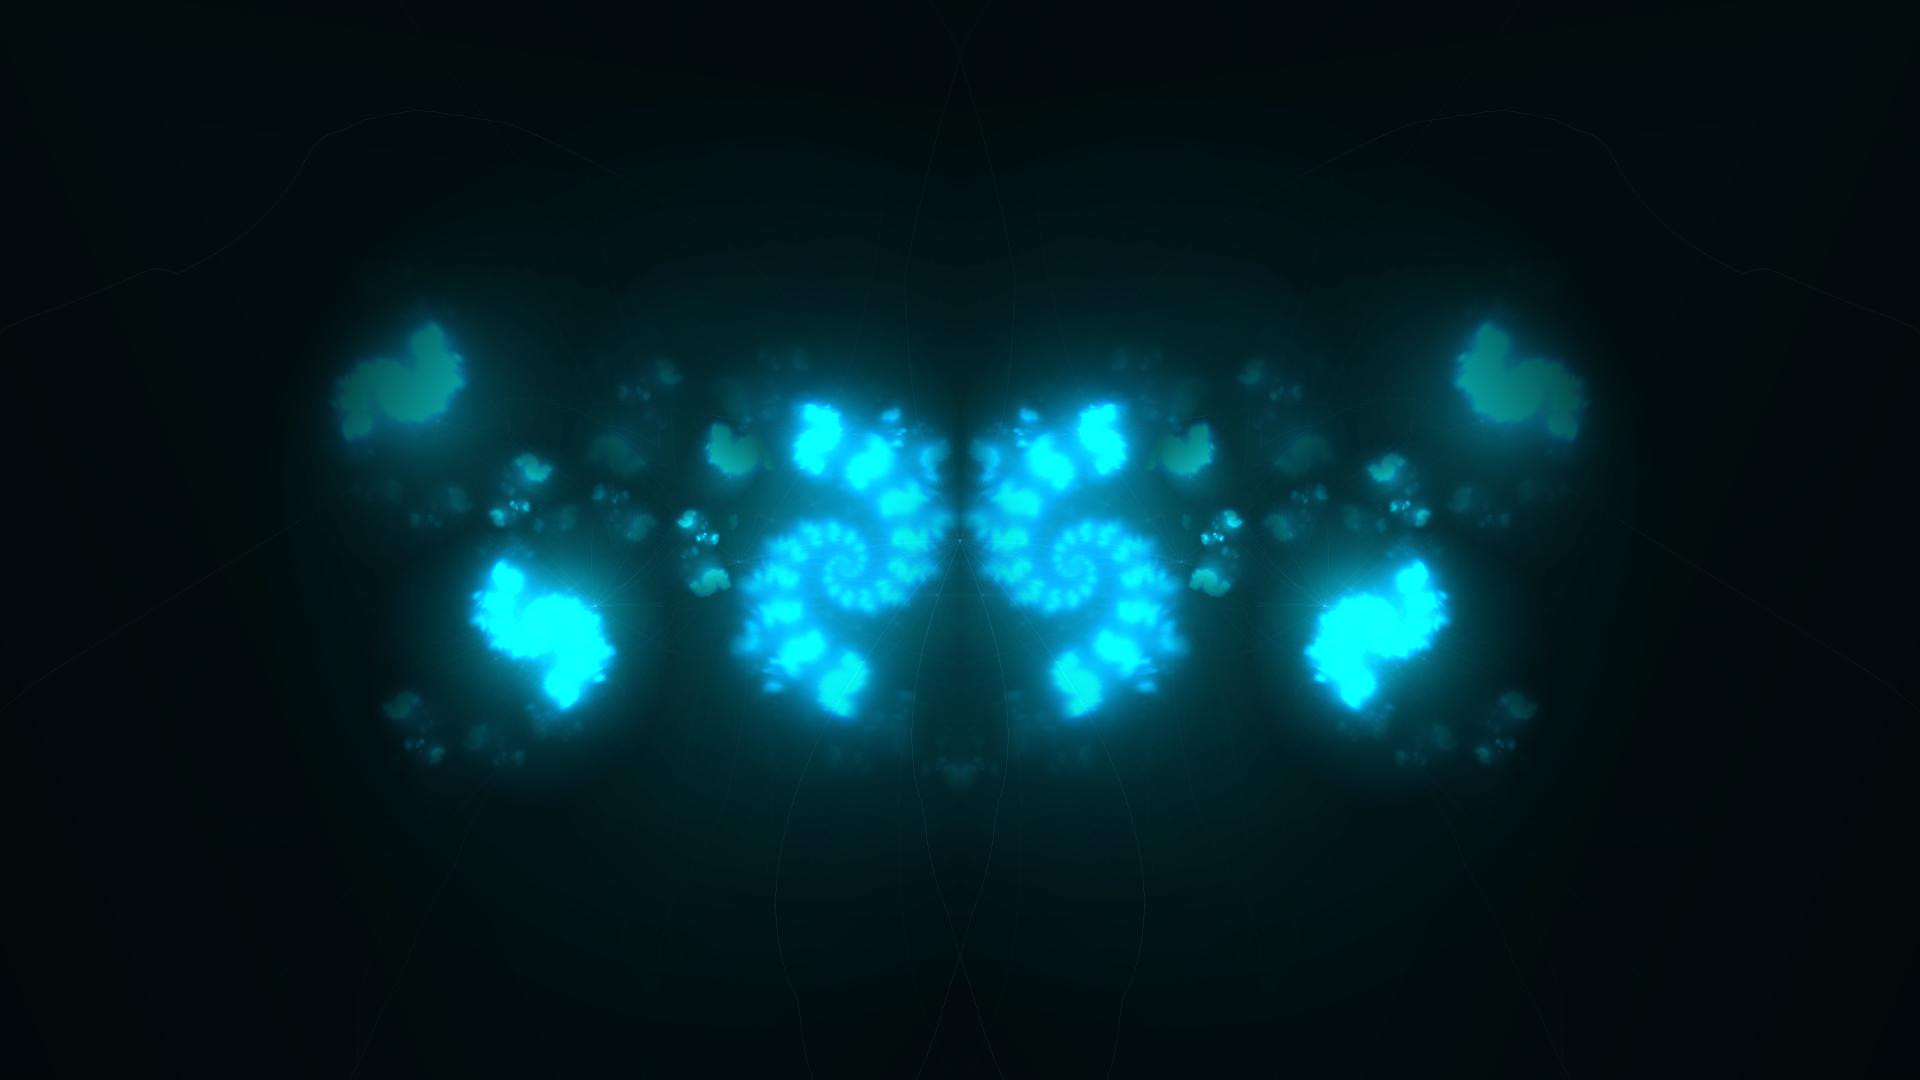 Abstract Blue Dark Lights Fractals 1080p HD Wallpaper